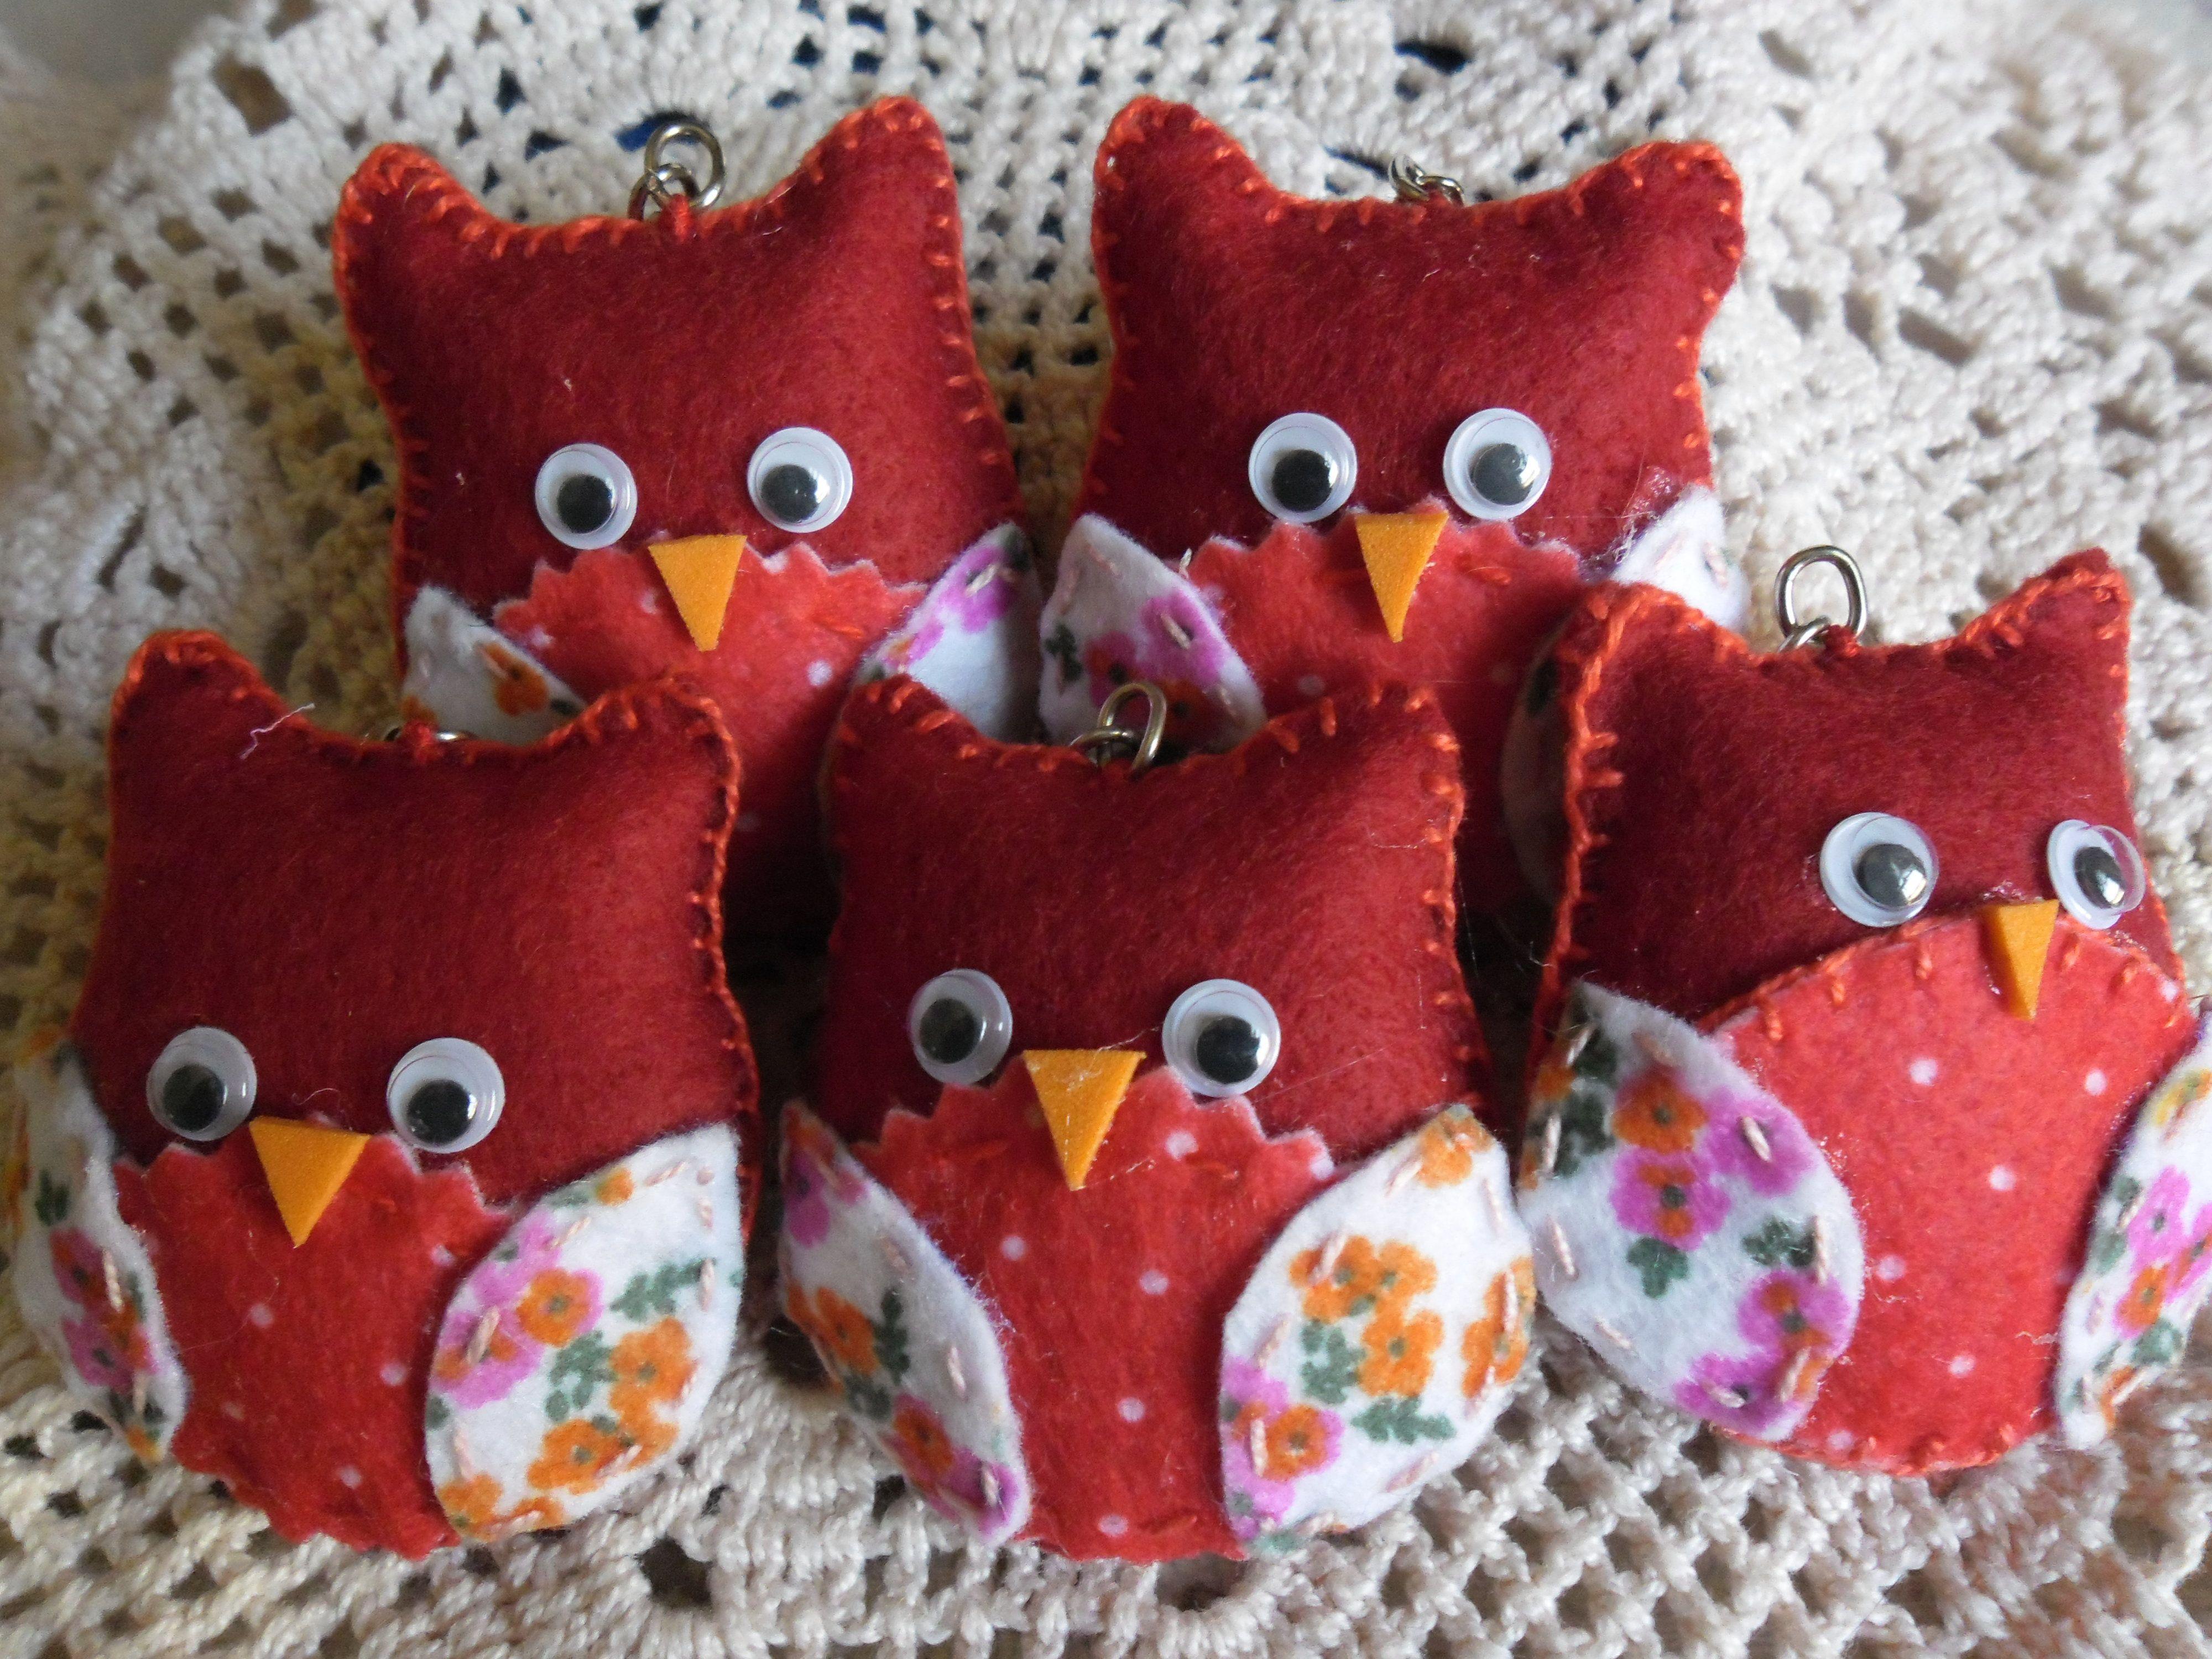 Chaveirinhos corujinhas vermelhas.